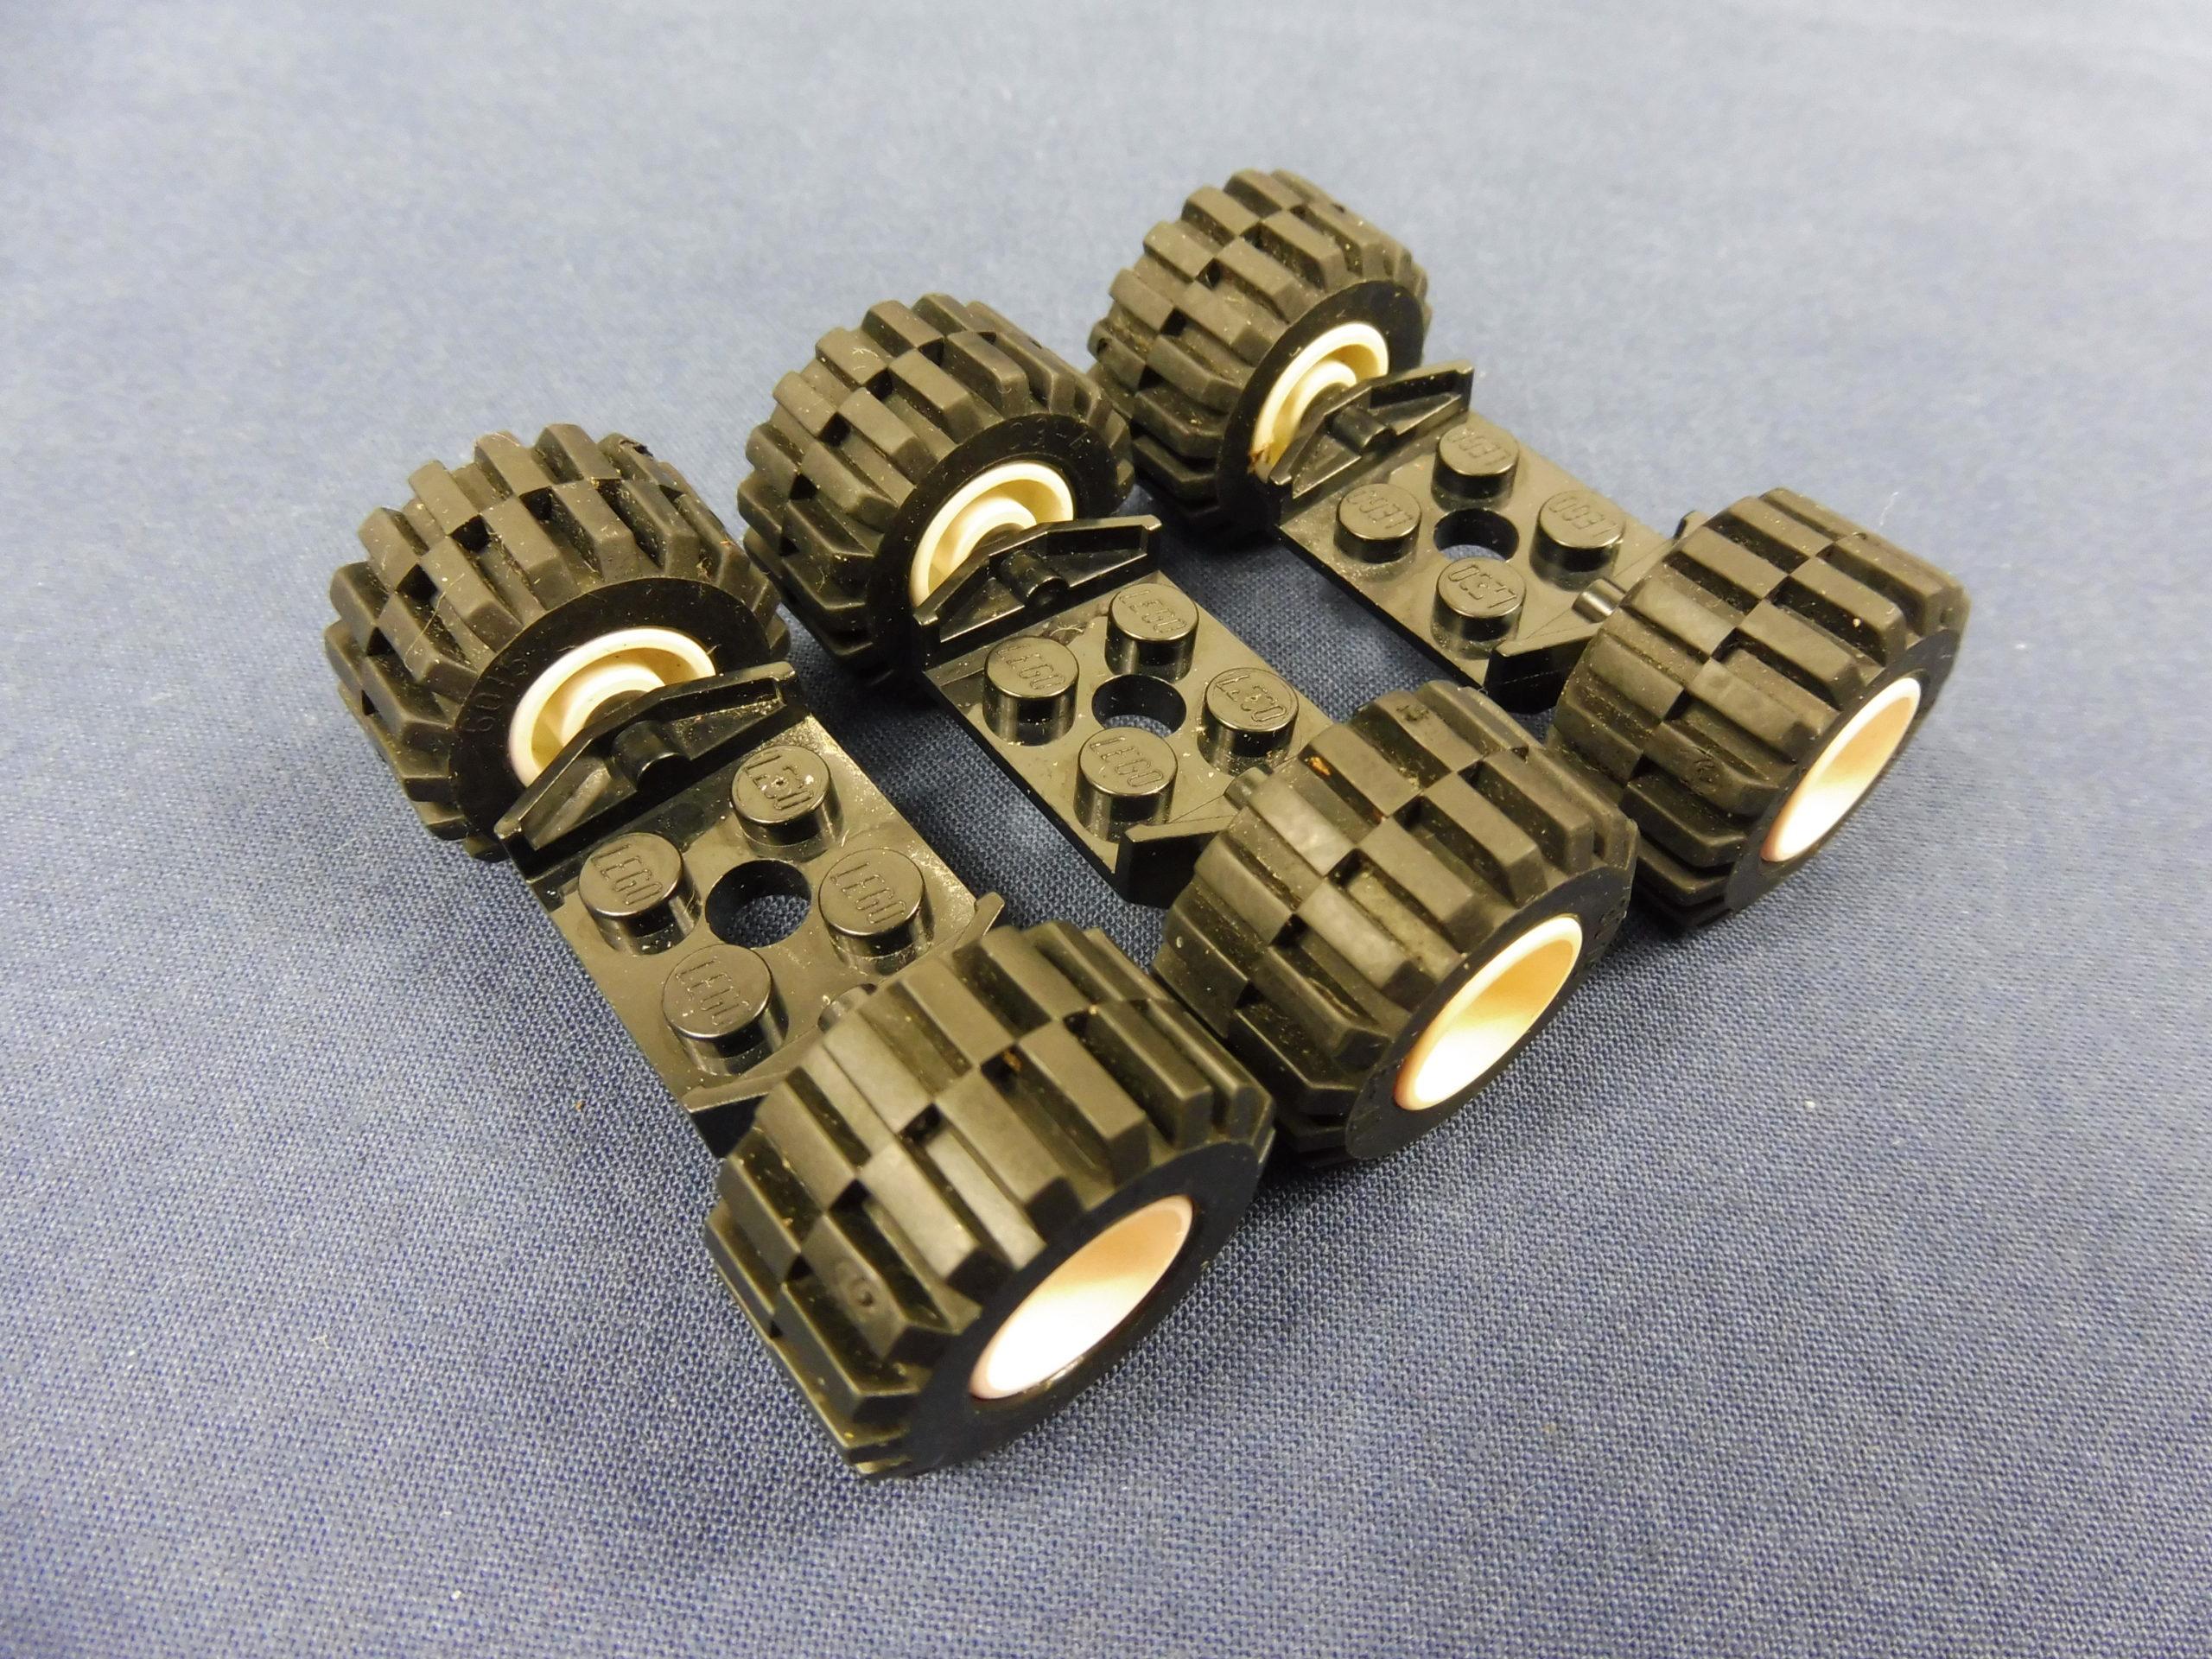 4 x Lego System Rad schwarz 17.5 x 6 Felge 11mm D x 6mm mit 5 Speichen silber R